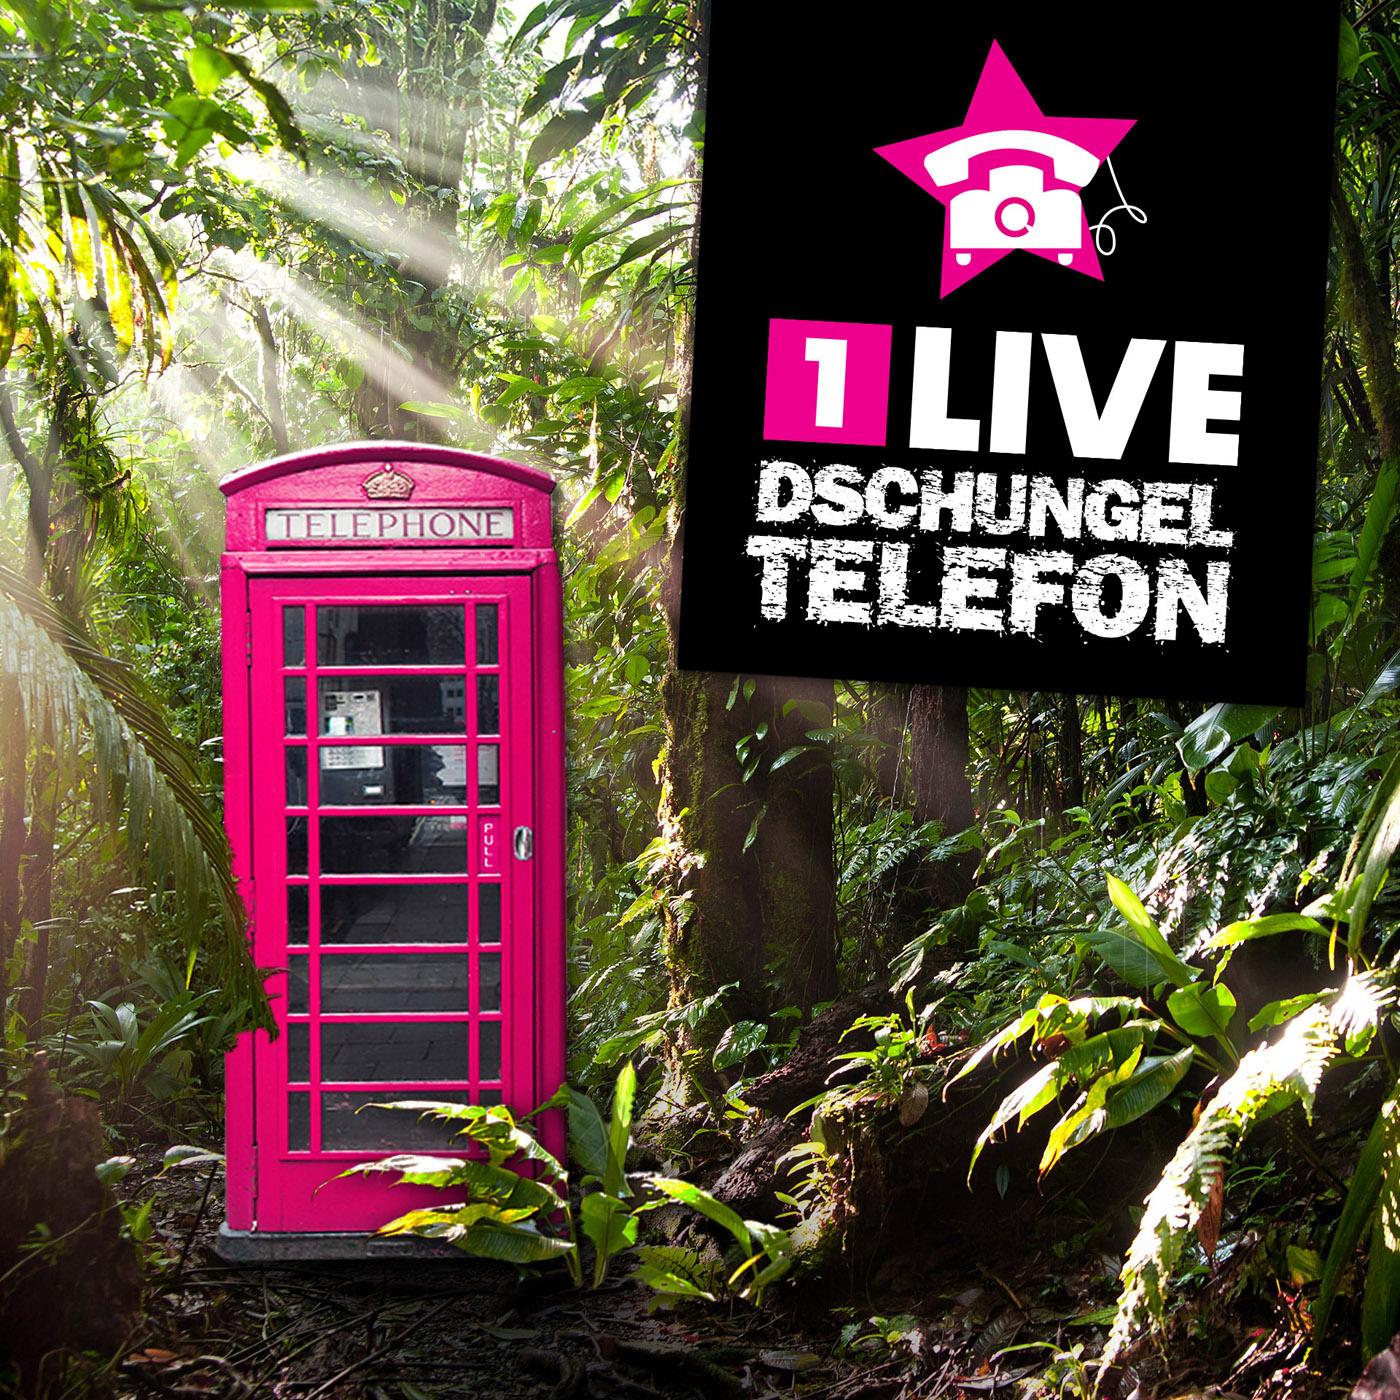 1LIVE Das Dschungeltelefon